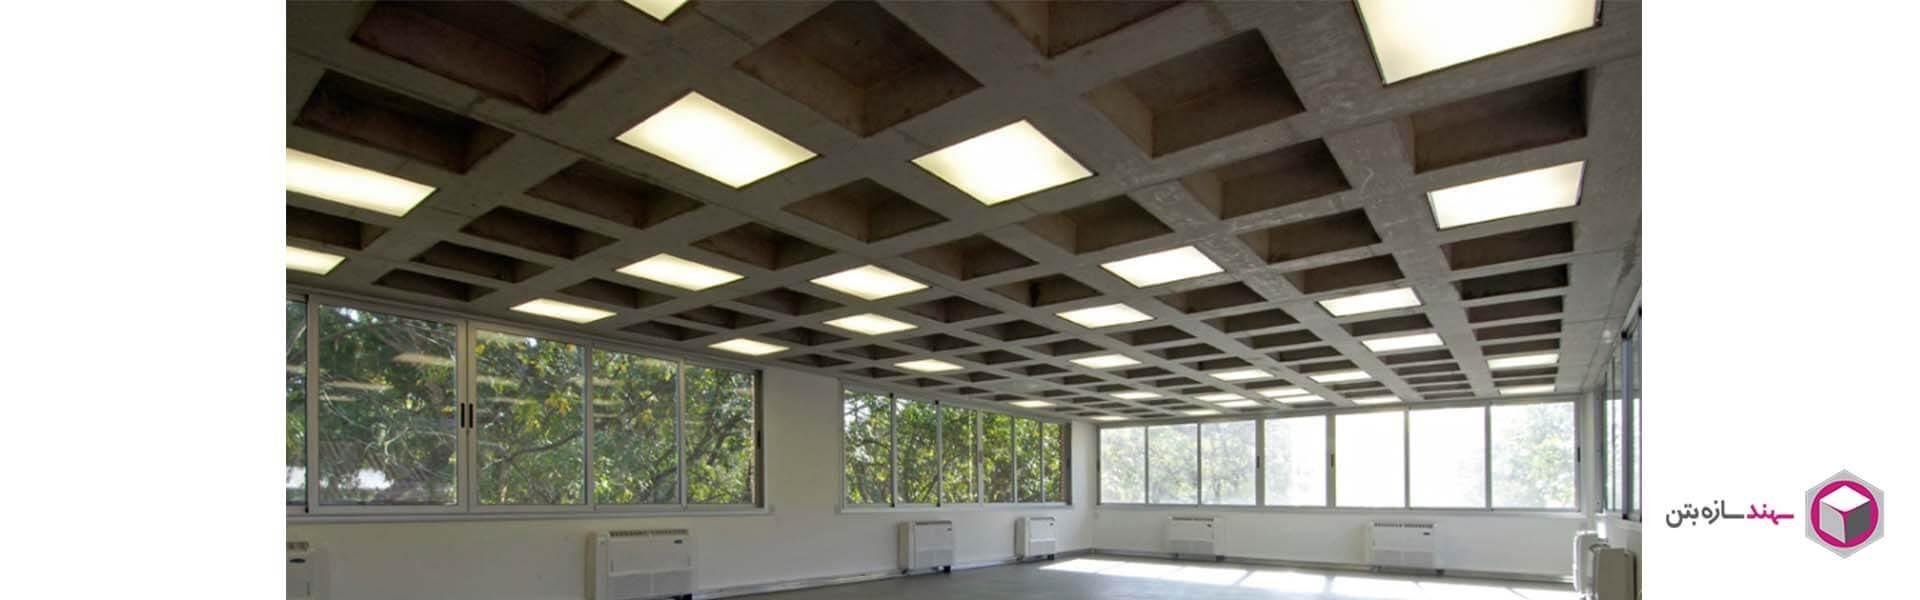 سقف مشبک